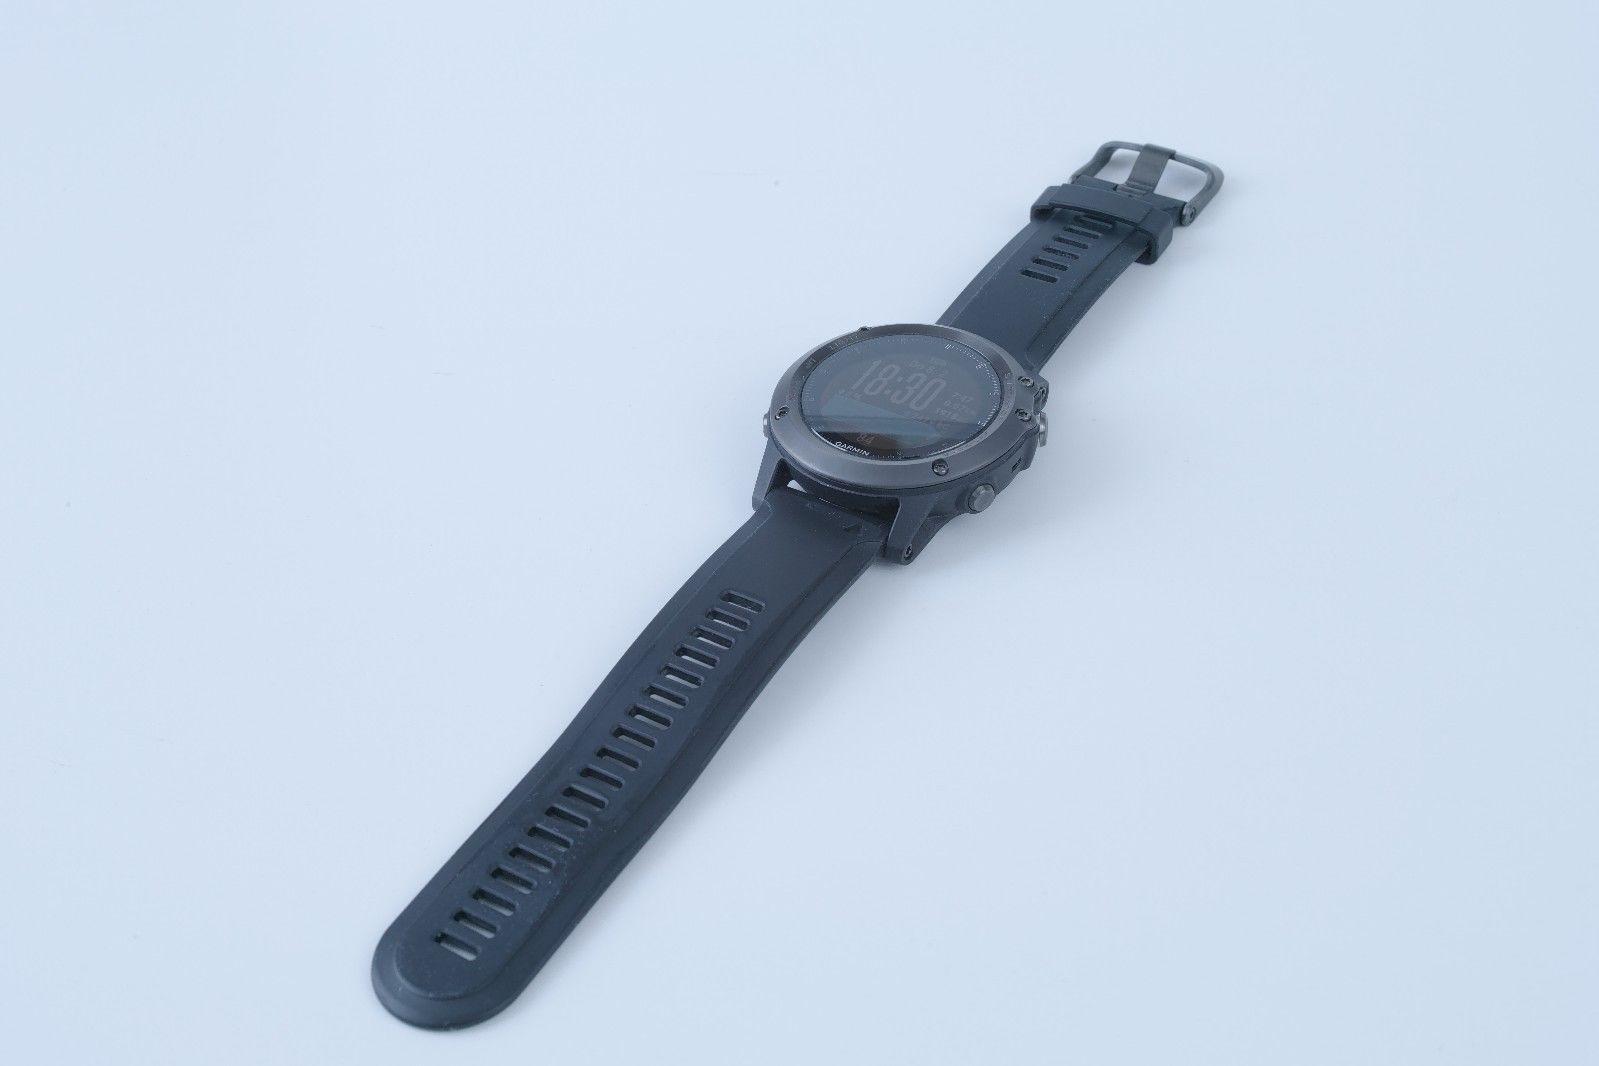 GARMIN Fenix 3 HR GPS Sapphire Edition Saphir Pulsmessung mit Brustgurt